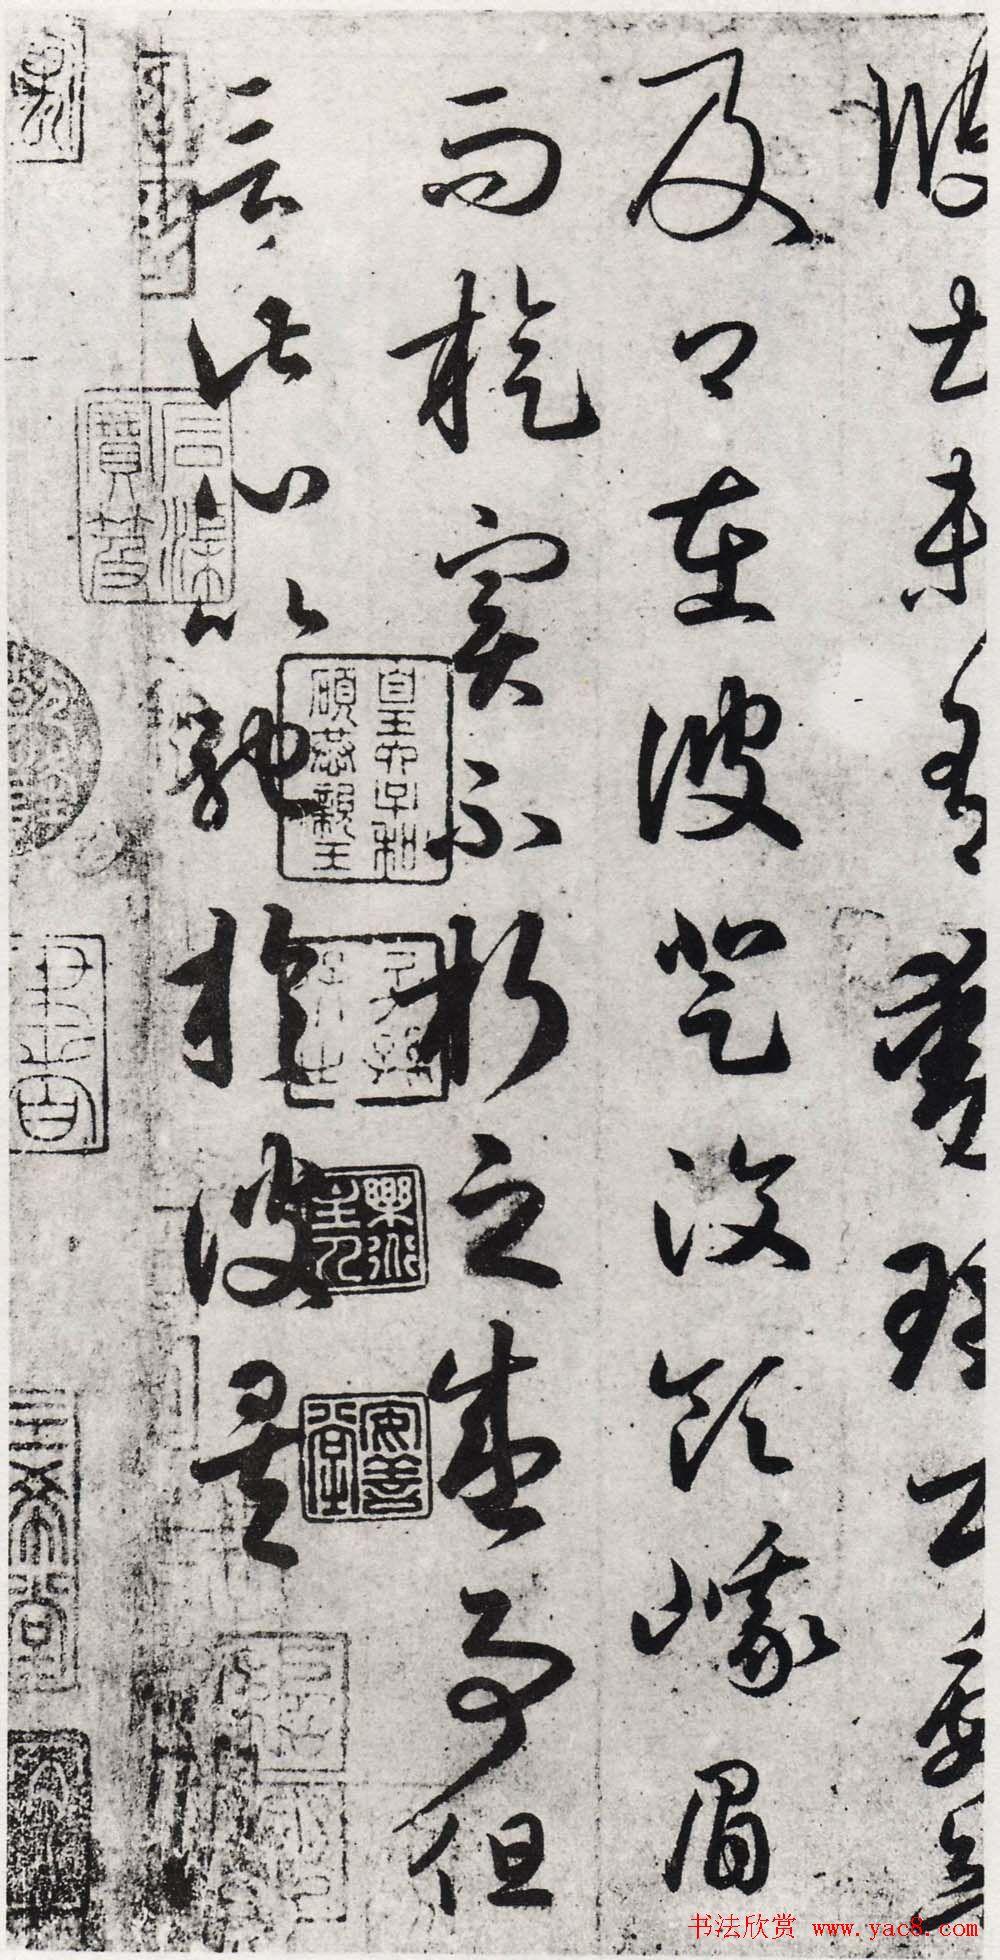 王羲之草书书法长卷全图《游目帖》